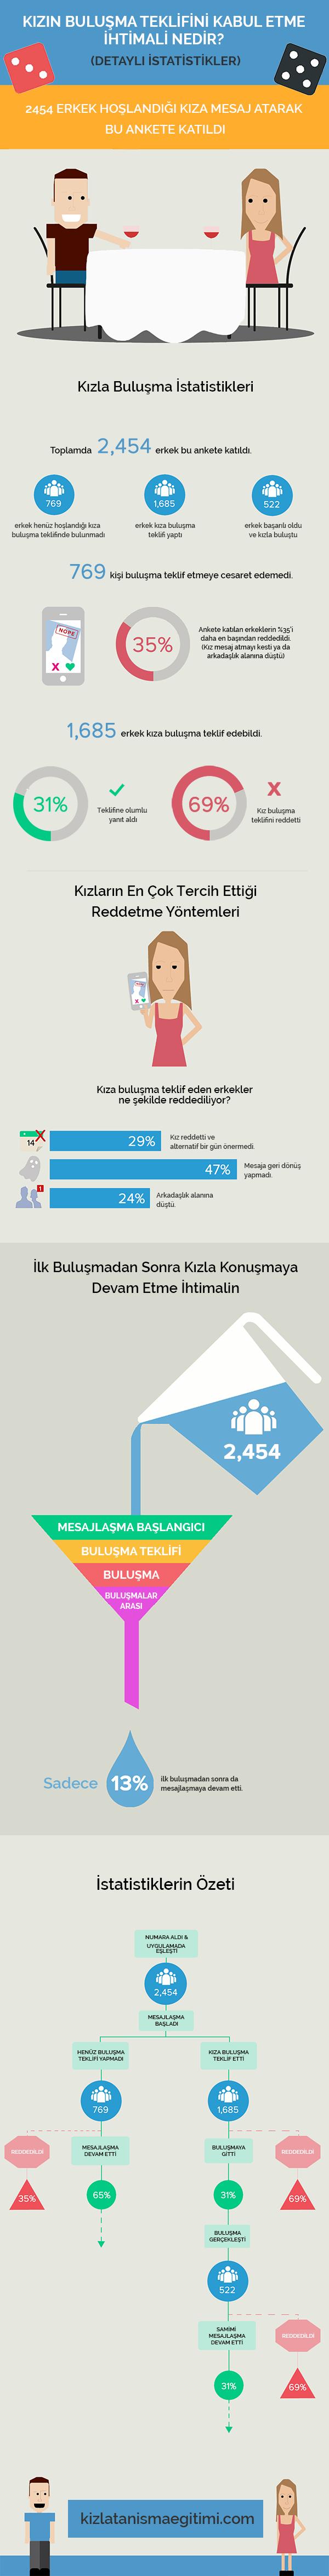 kızla buluşma istatistikleri